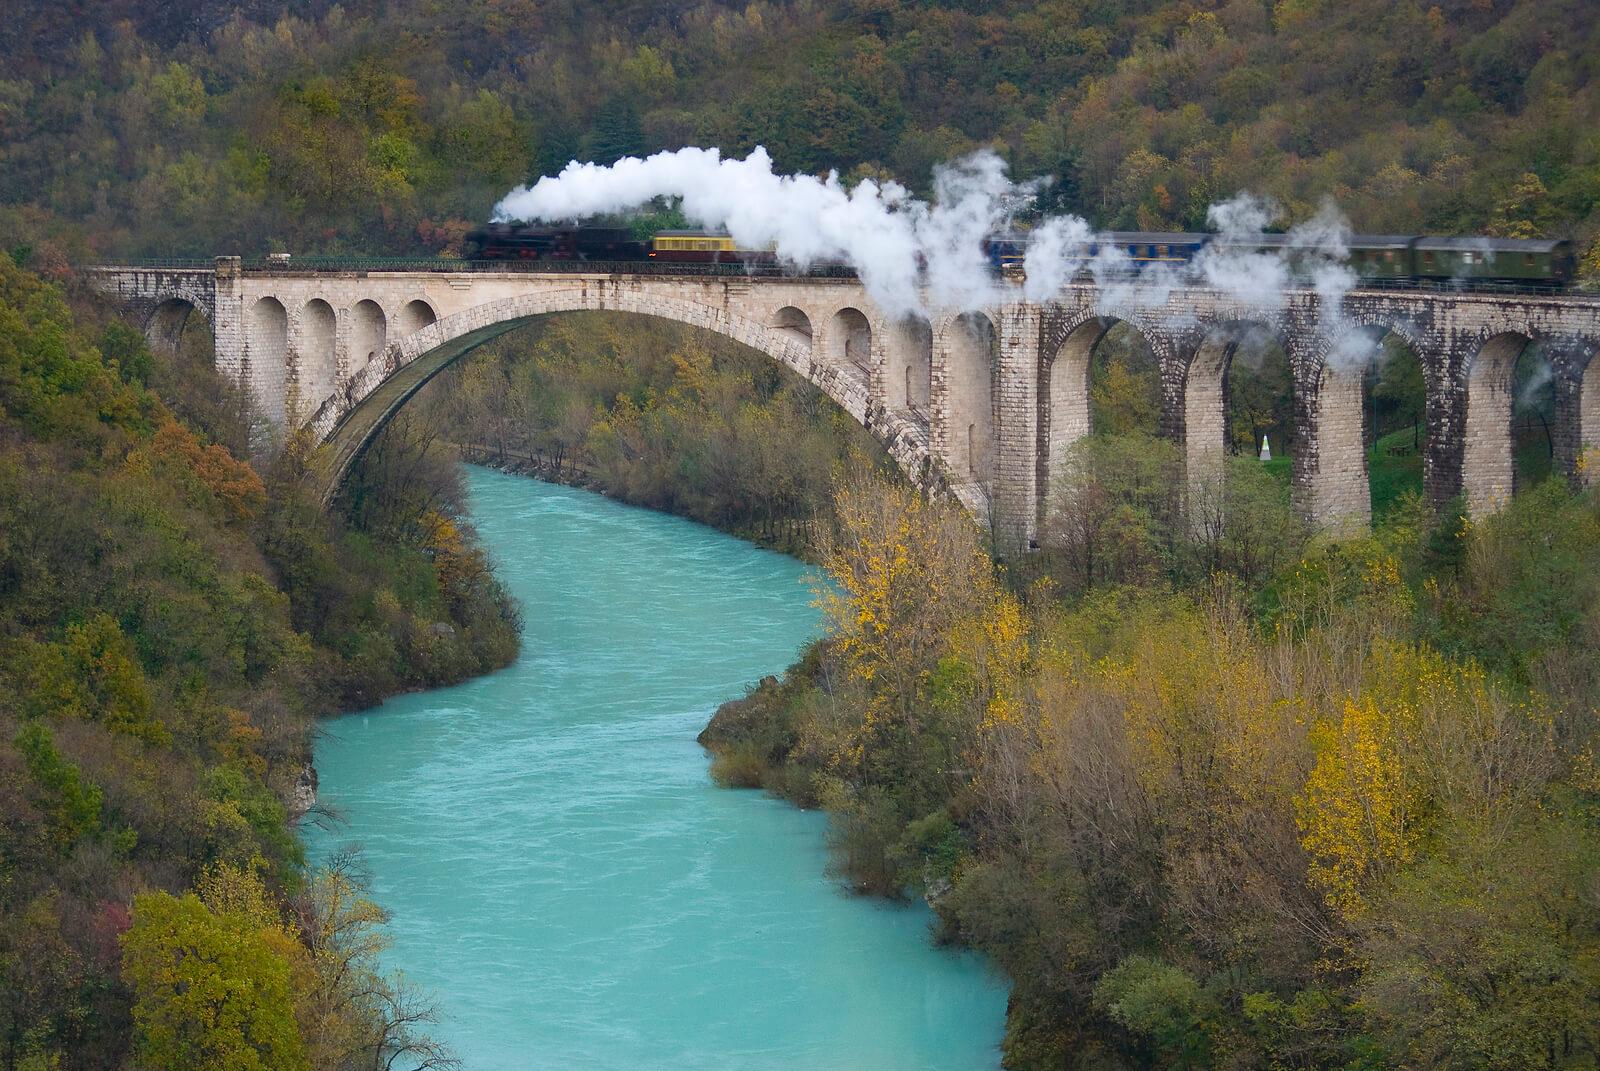 Bohinjska proga med 5 najbolj spektakularnih železniških prog v Evropi